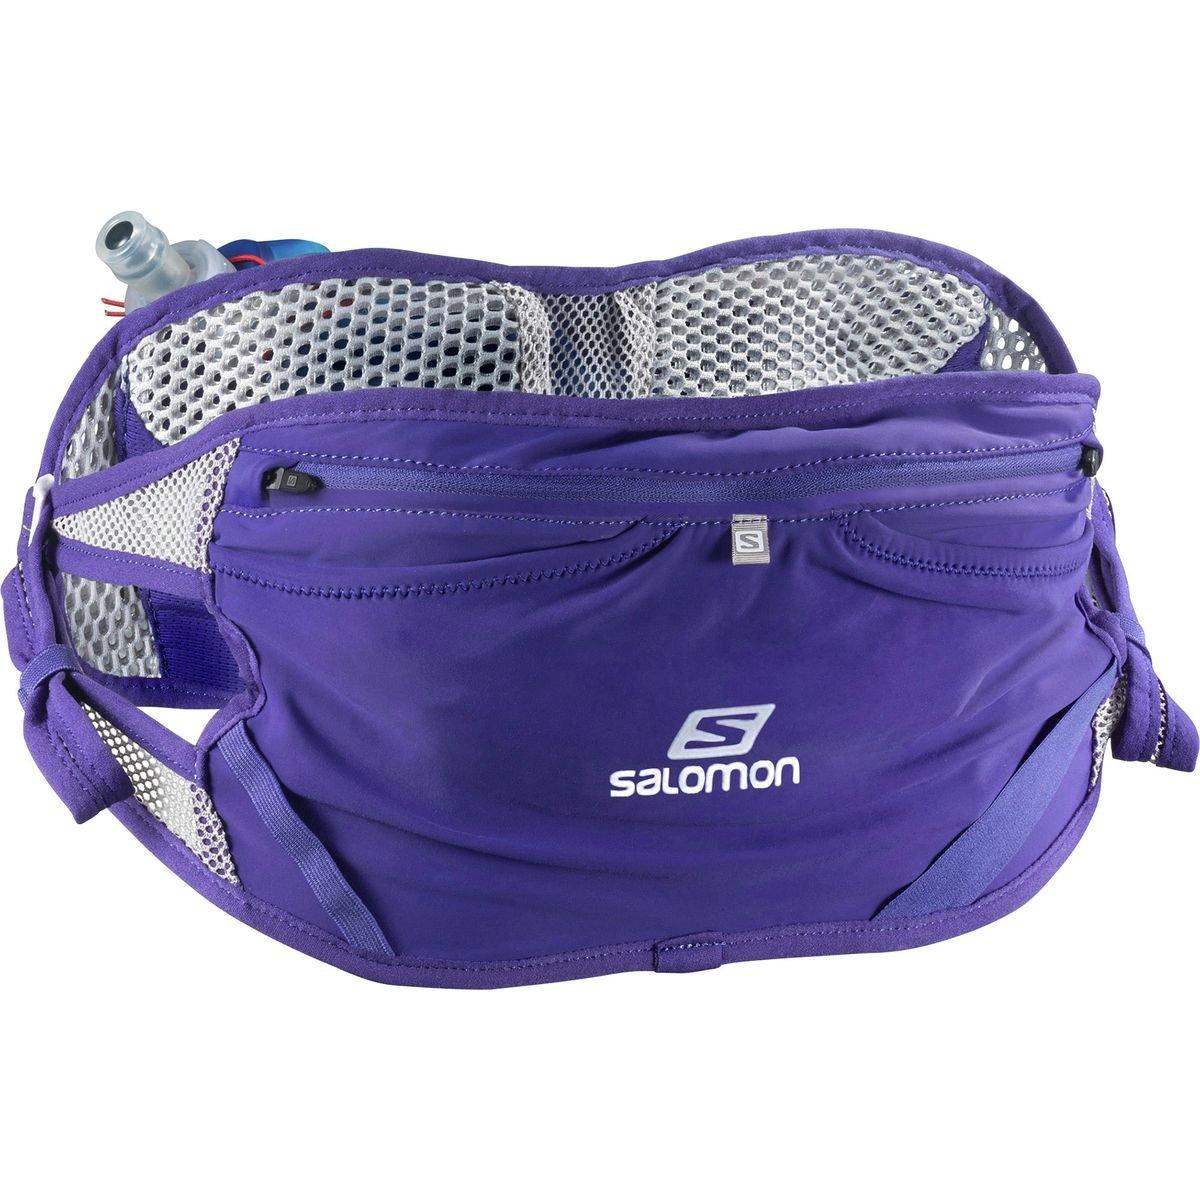 (サロモン) Salomon ADV Skin 3L Hydration Belt Setメンズ バックパック リュック Spectrum Blue/White [並行輸入品]   B079PSLY9D